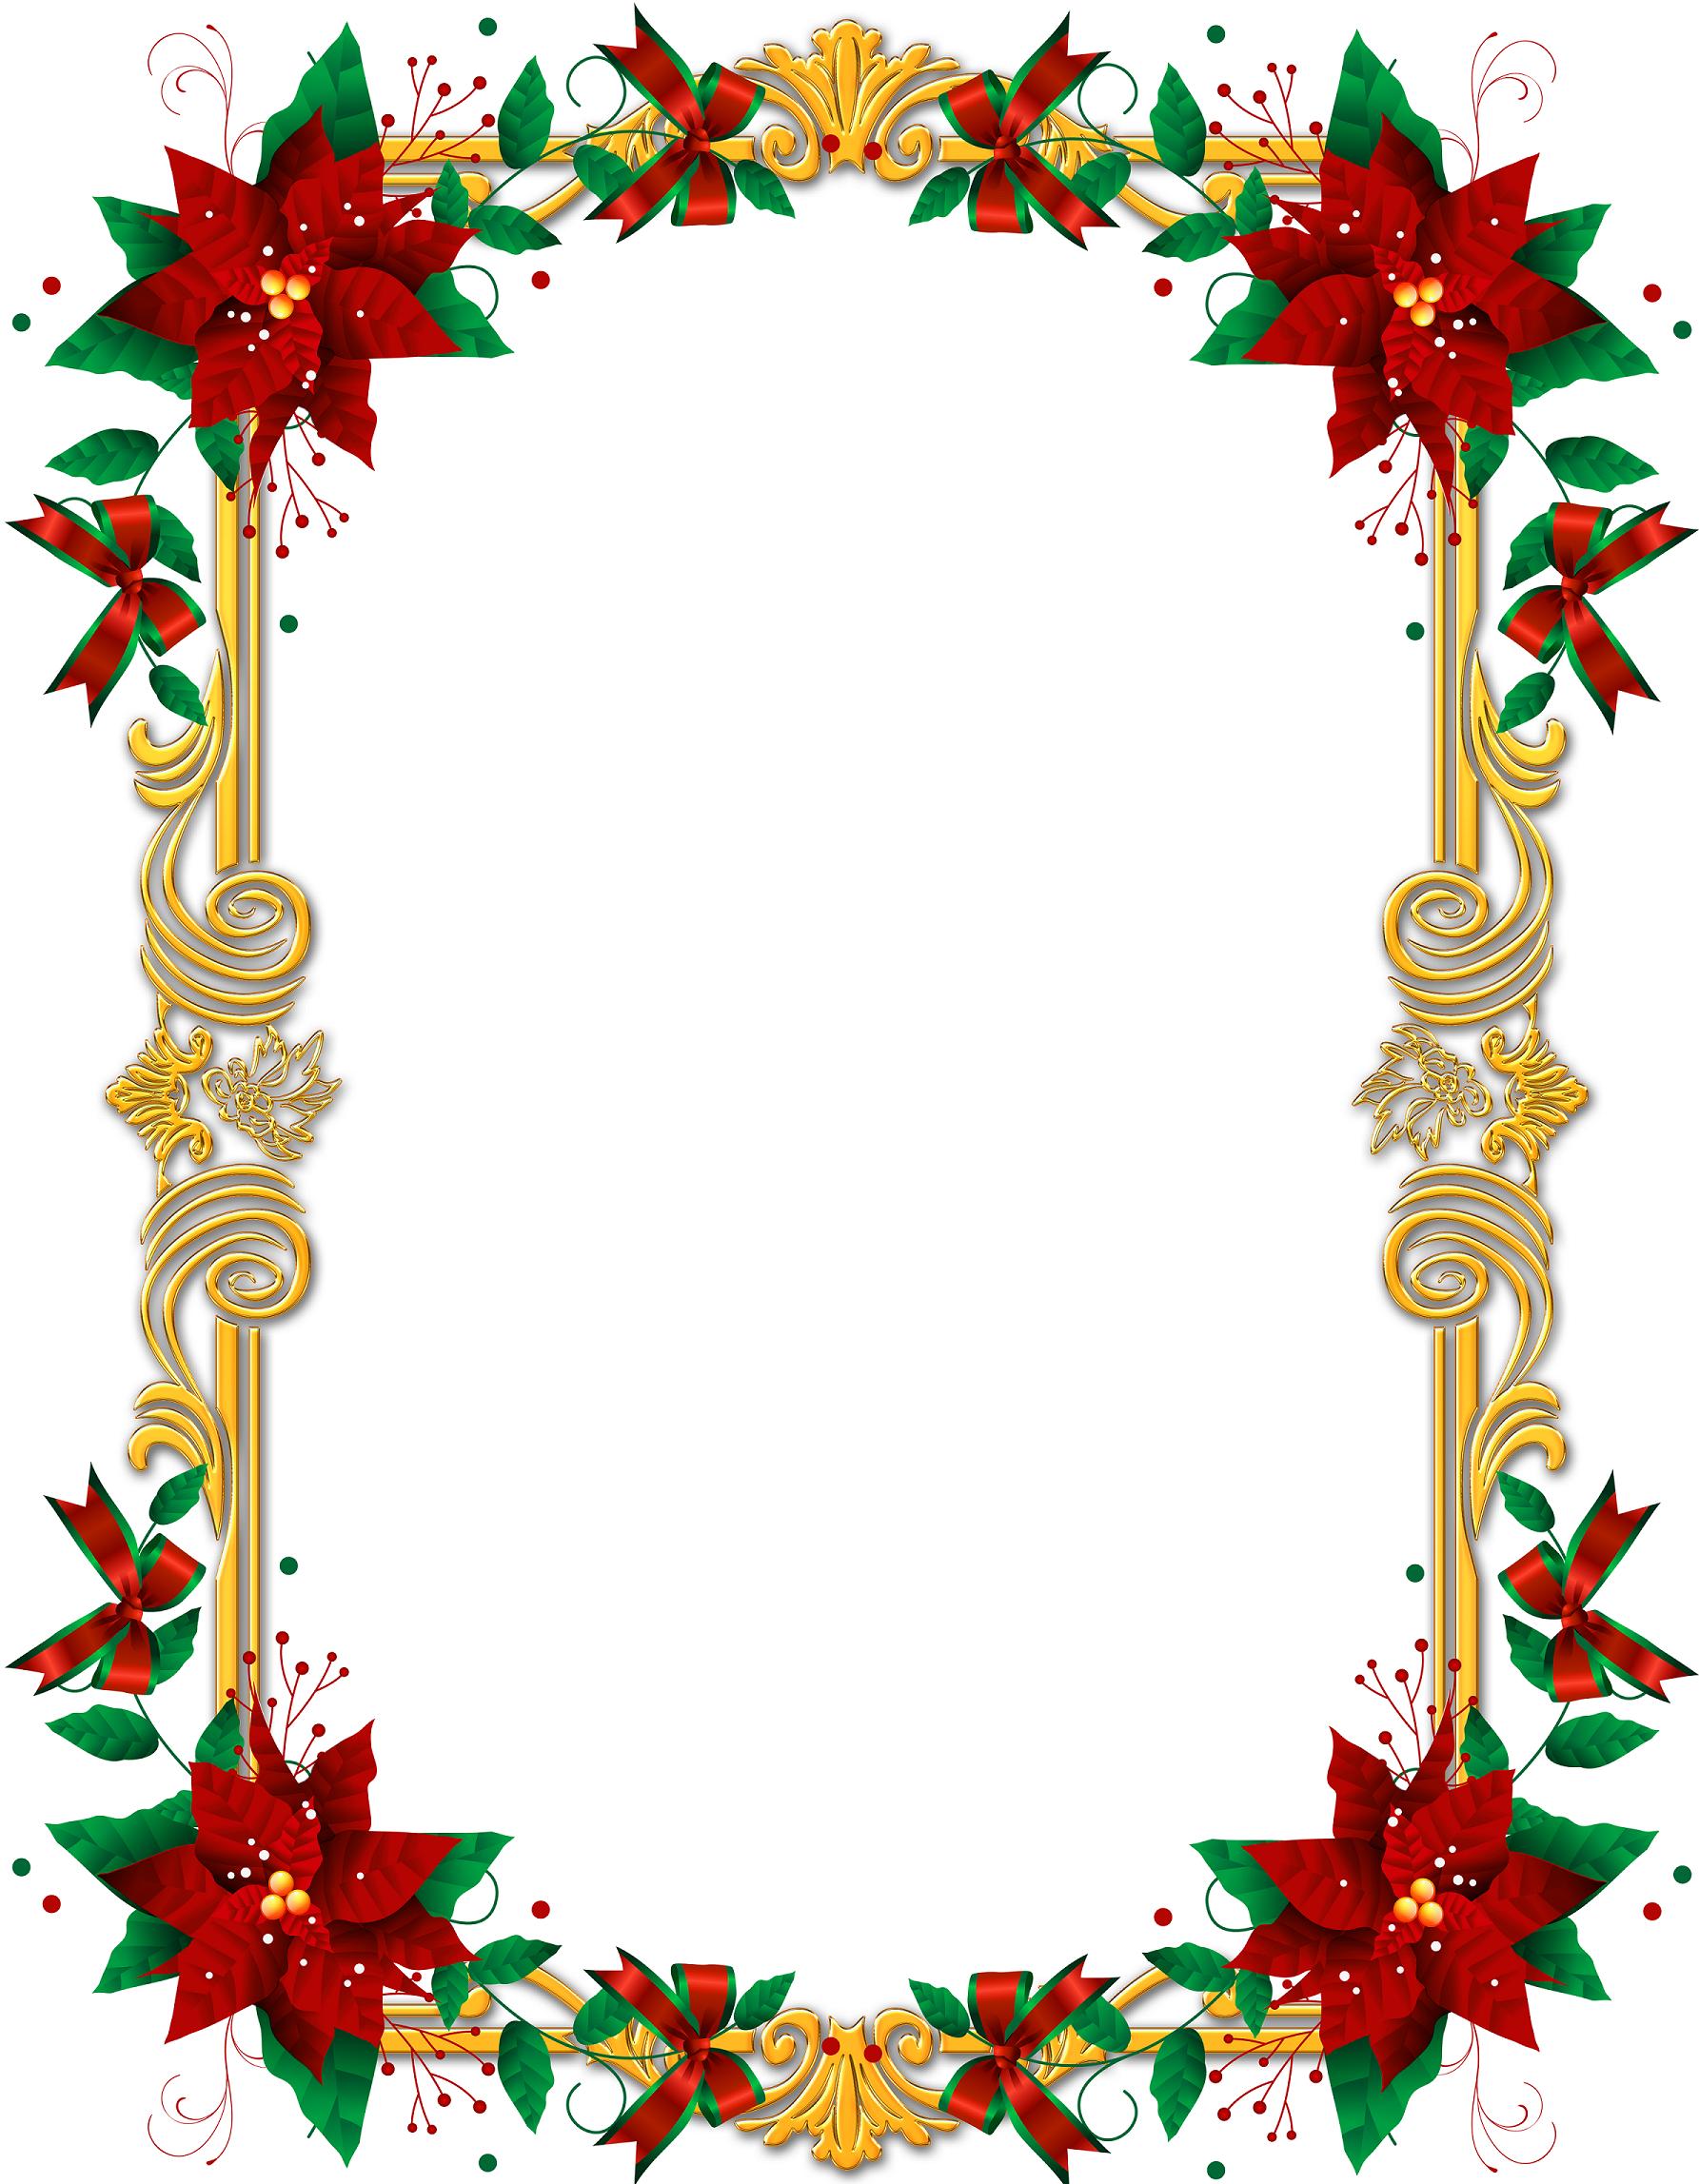 Marcos de navidad para editar en Photoshop gratis (1.